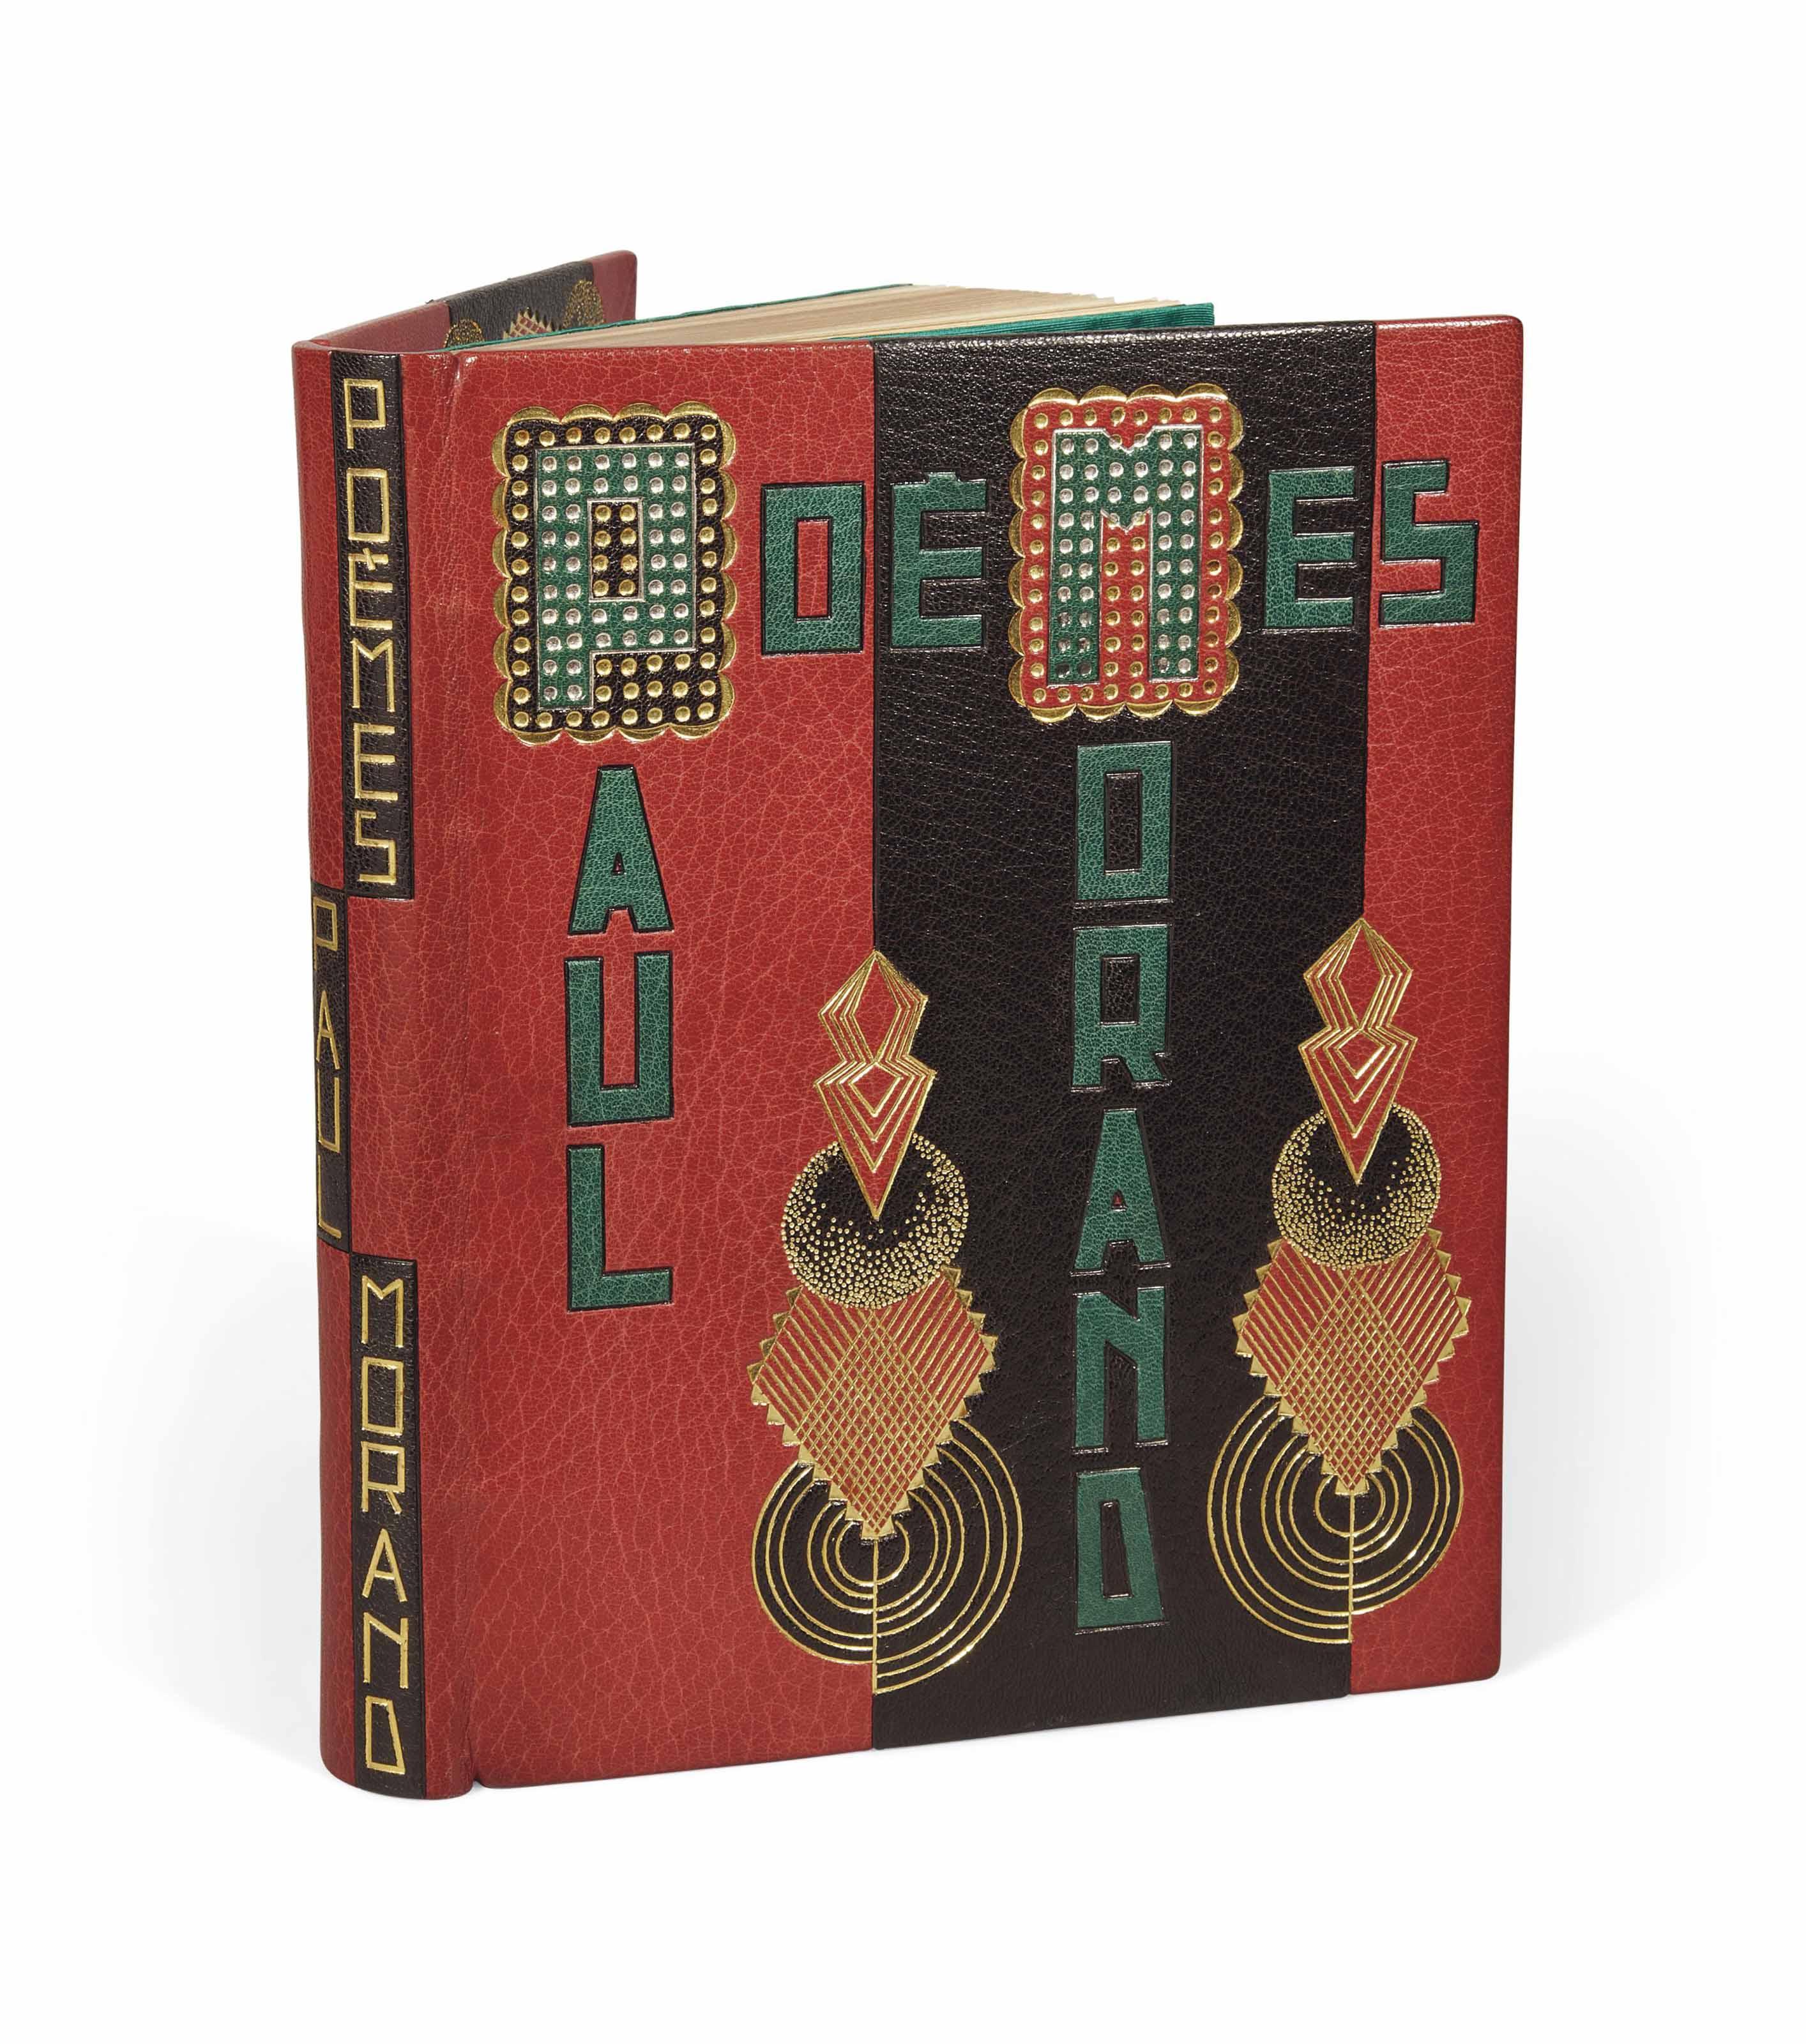 [GAUDION] -- MORAND, Paul (1888-1976). Poèmes (1914-1924). Toulouse: éditions Richard, 15 novembre 1926.